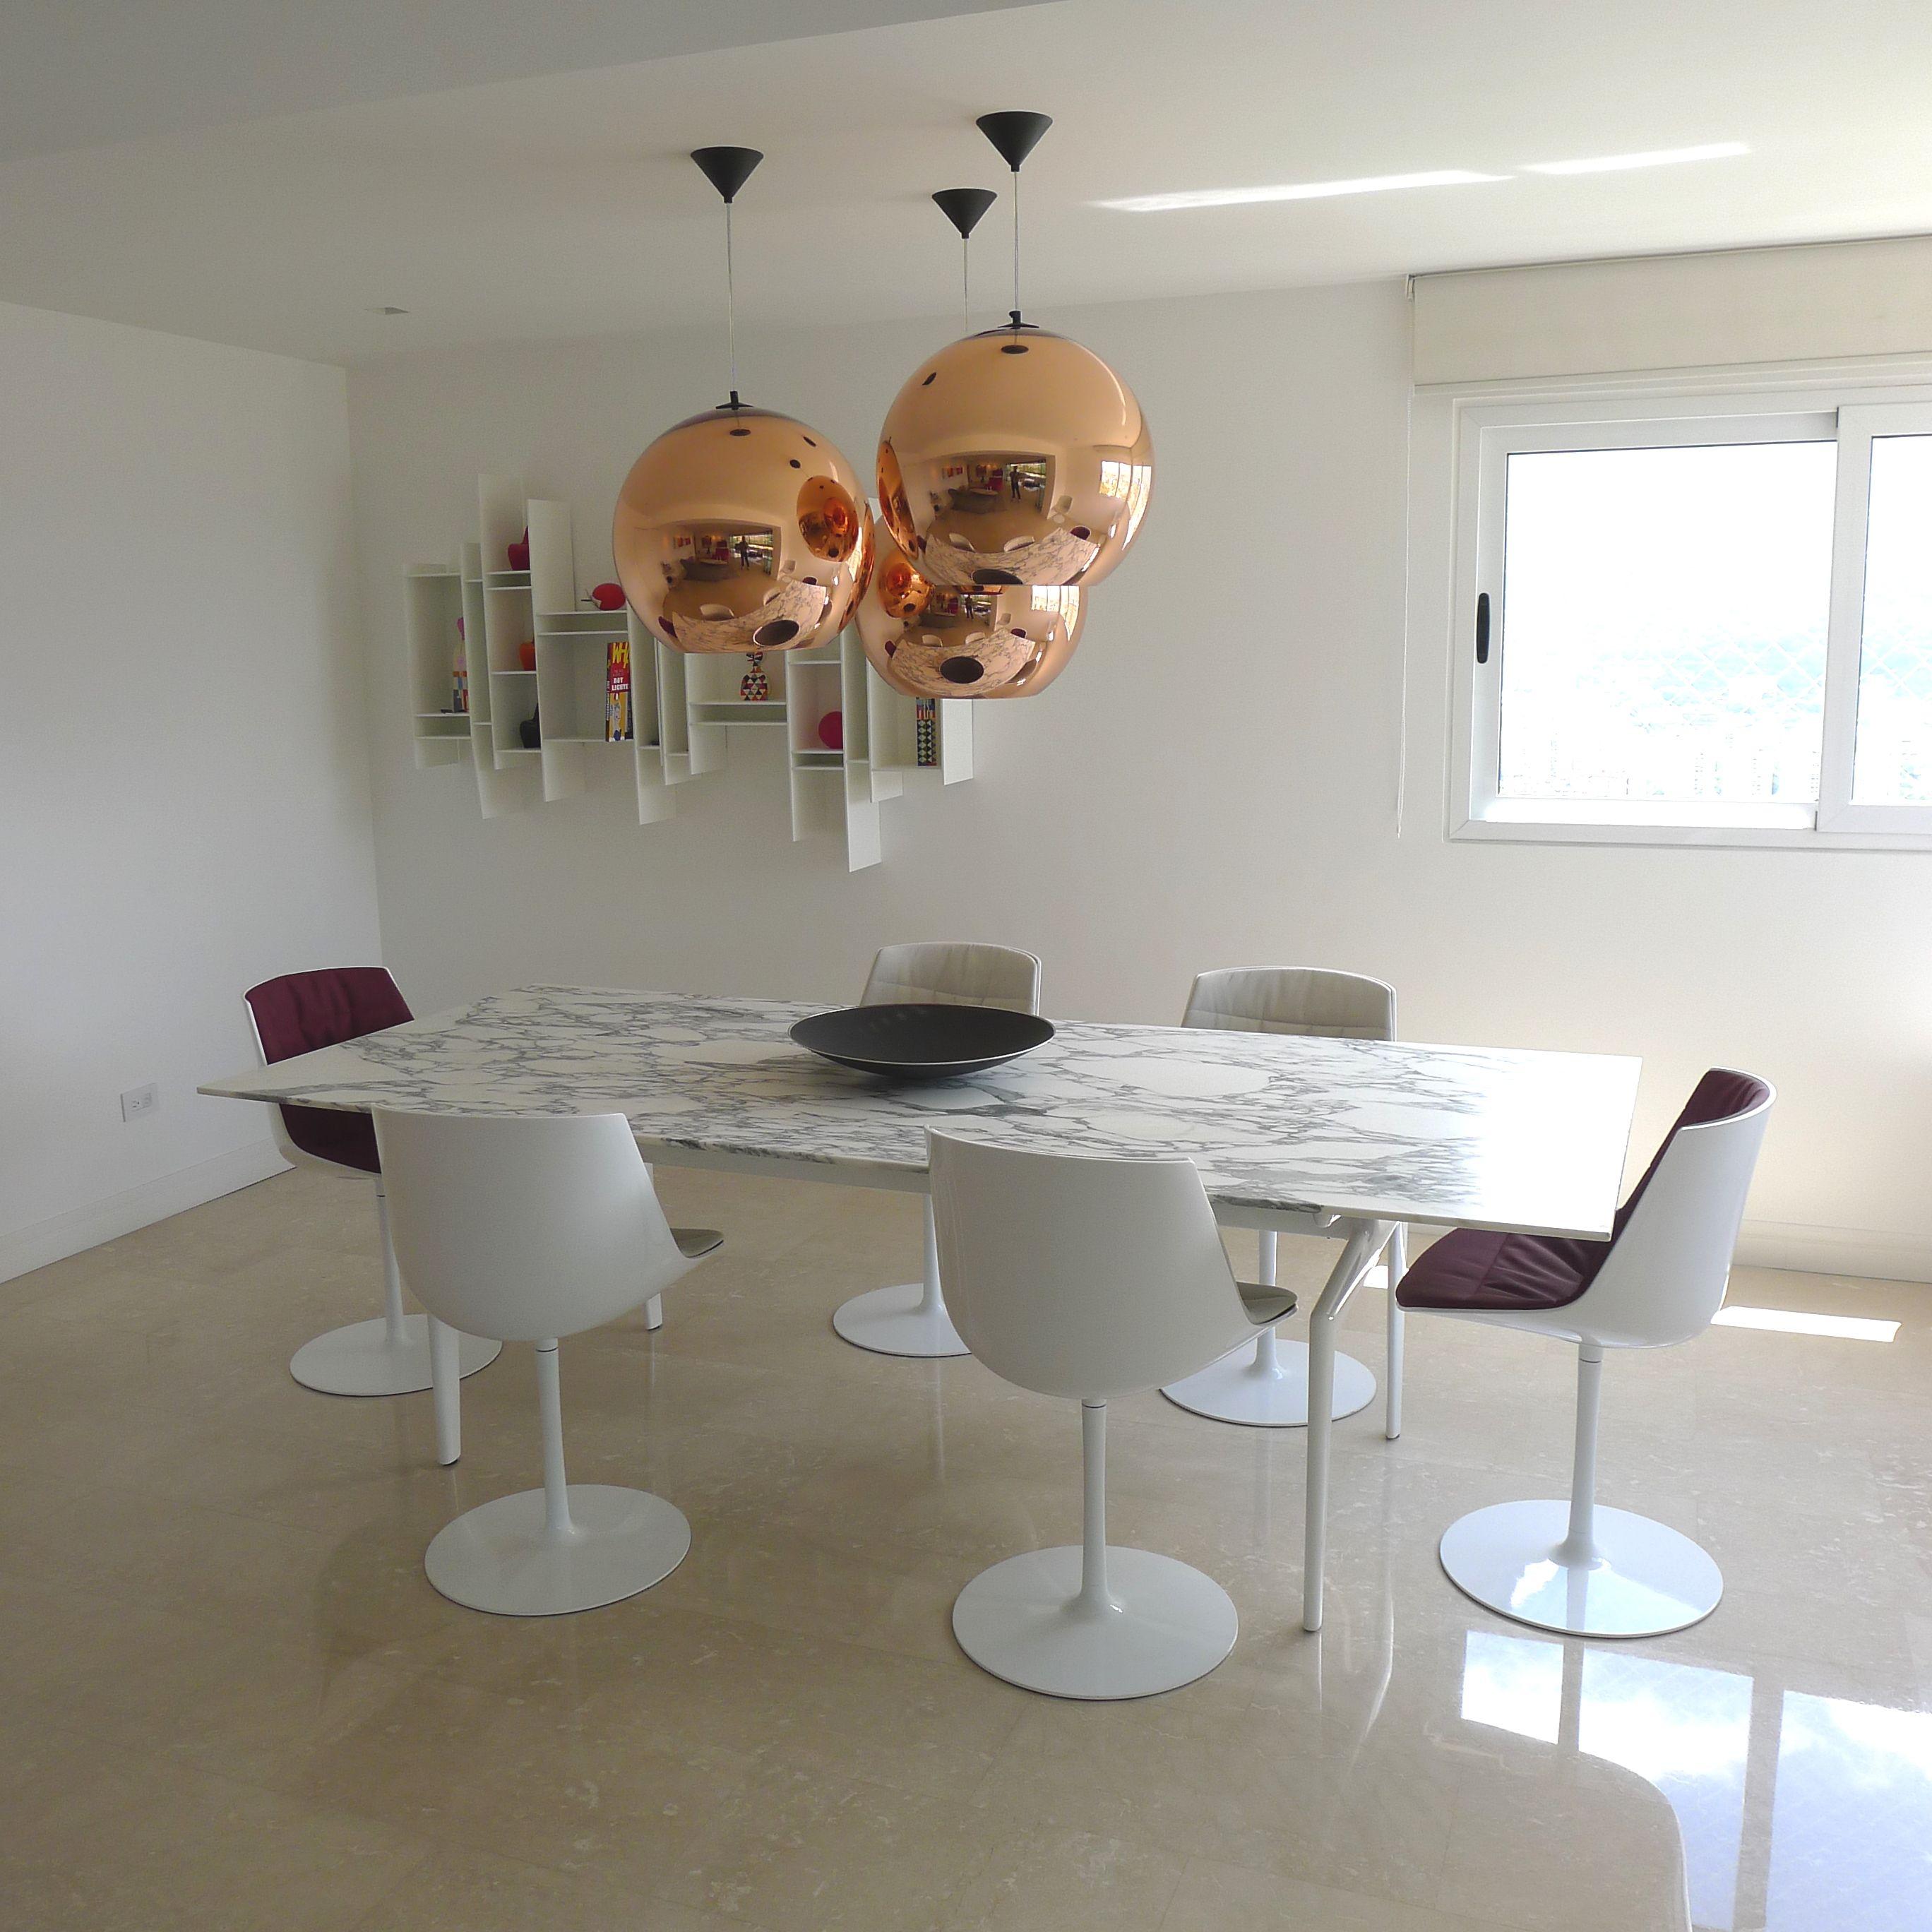 Area De Comedor Igual Mucha Luz Natural Por Las Ventanas Conjunto Y Minimalismo Apartamento Moncada Barros Home Decor Decor Furniture